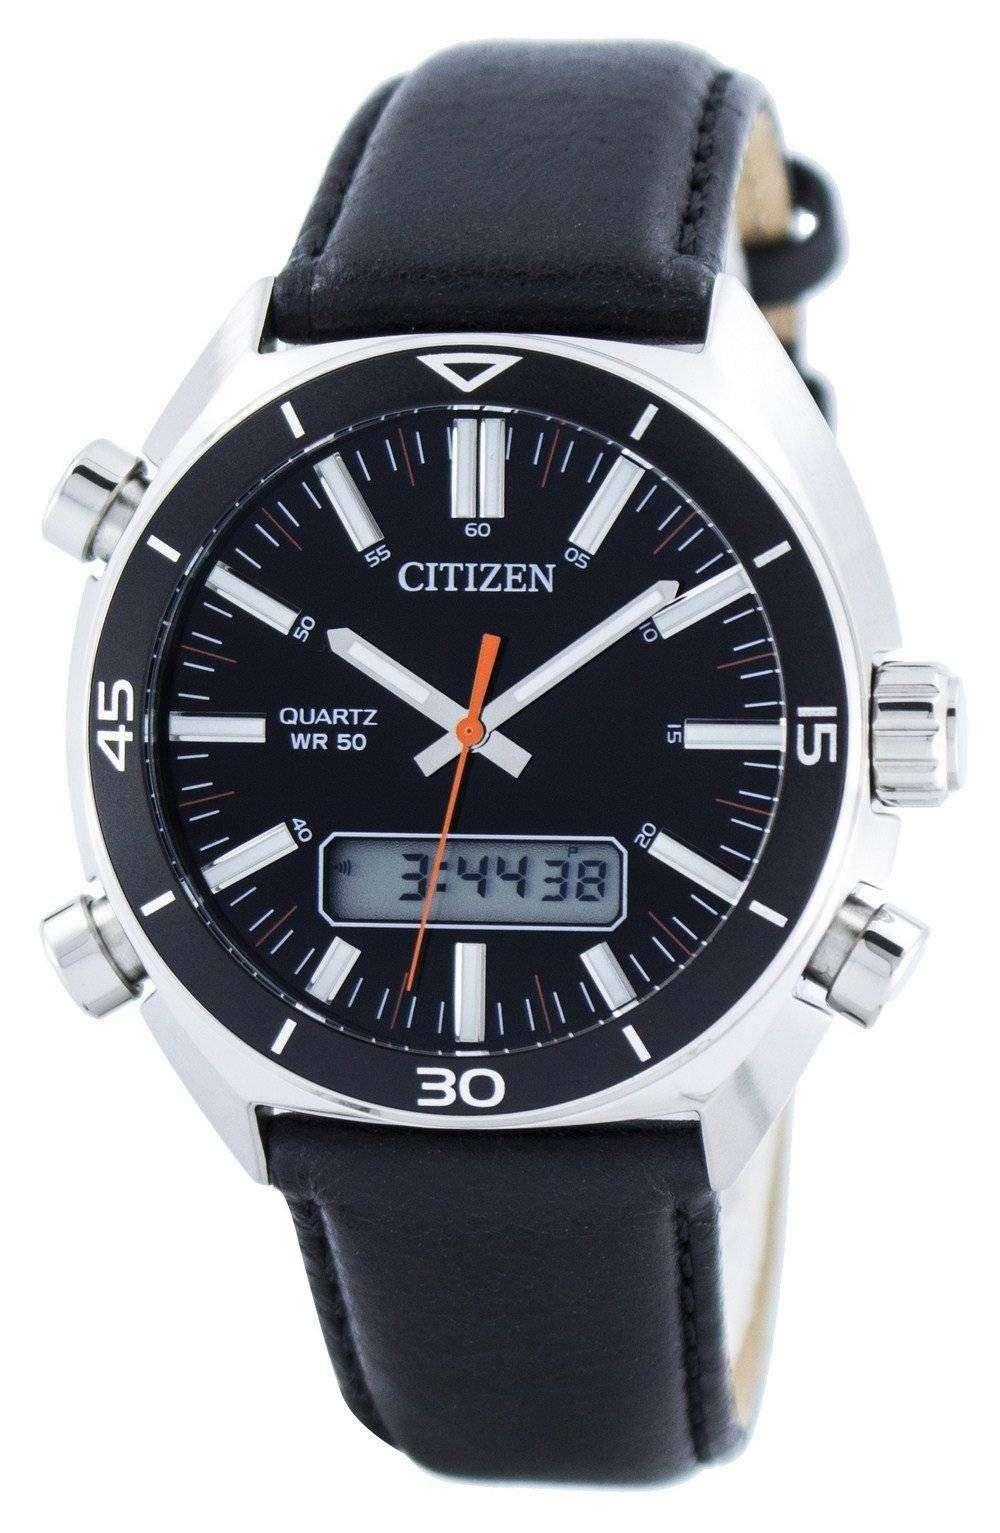 citizen quartz alarm chronograph analog digital jm5460 01e